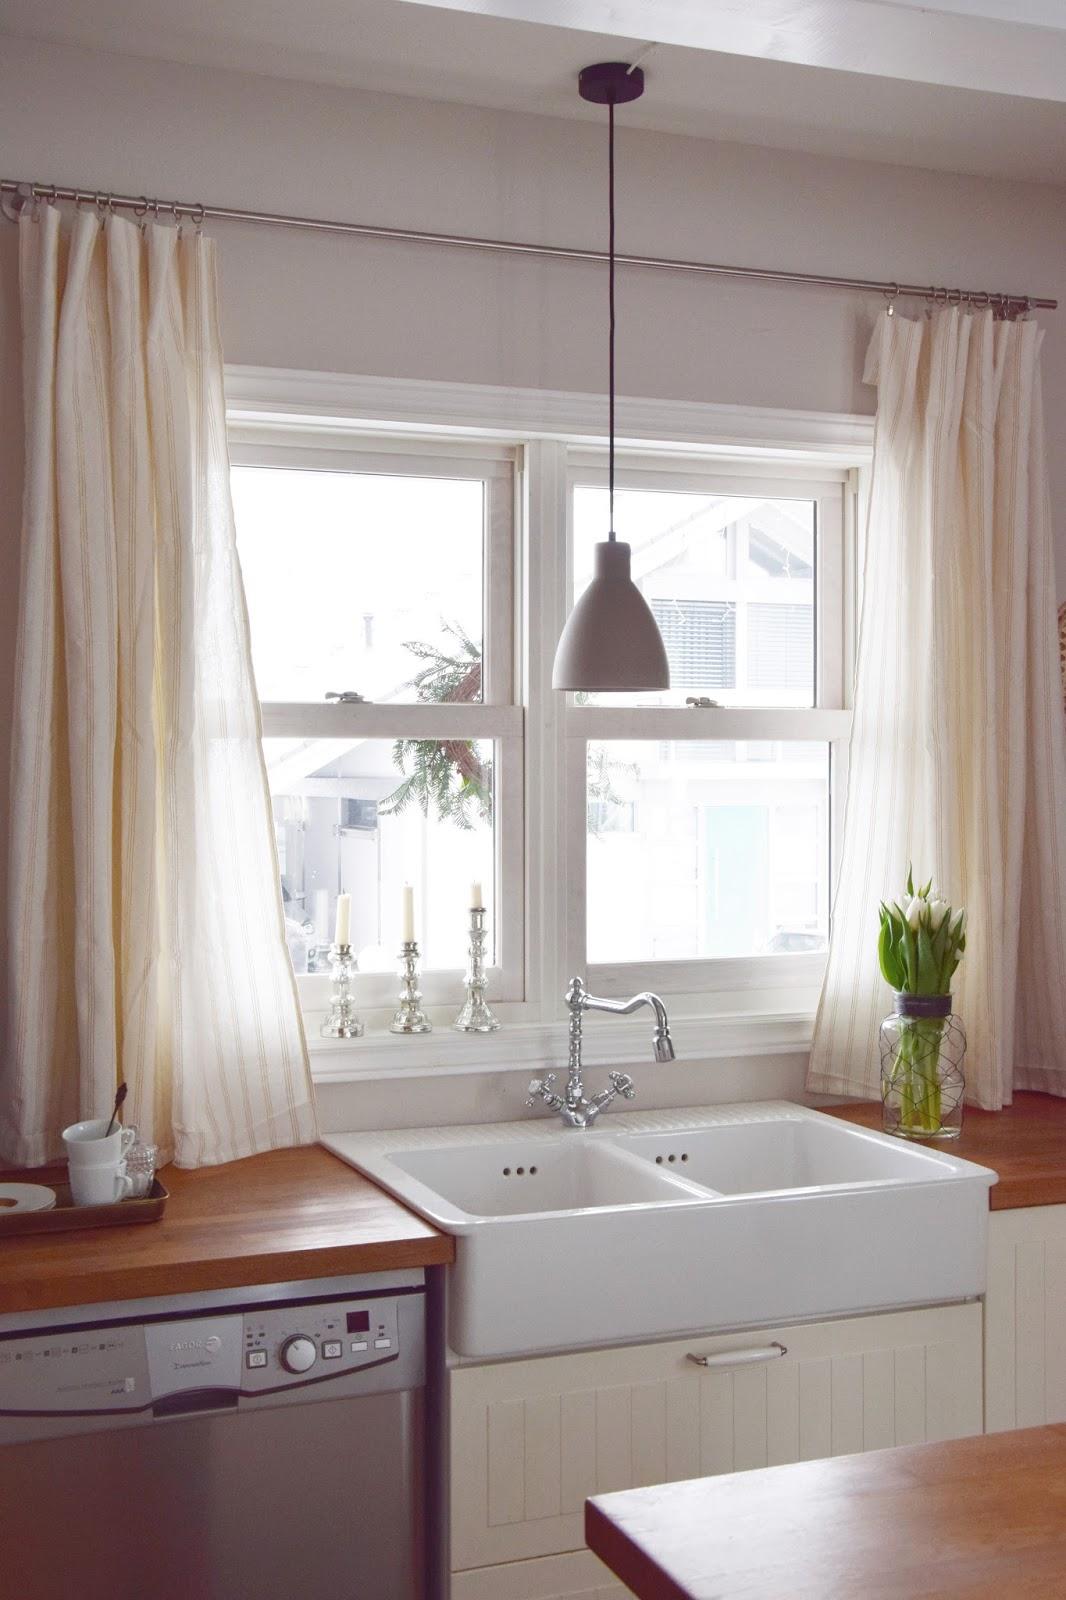 gardinen fur wohnzimmer selbst nahen : Wie Ihr In 10 Minuten Aus Einer Tischdecke Einen Vorhang Zaubert